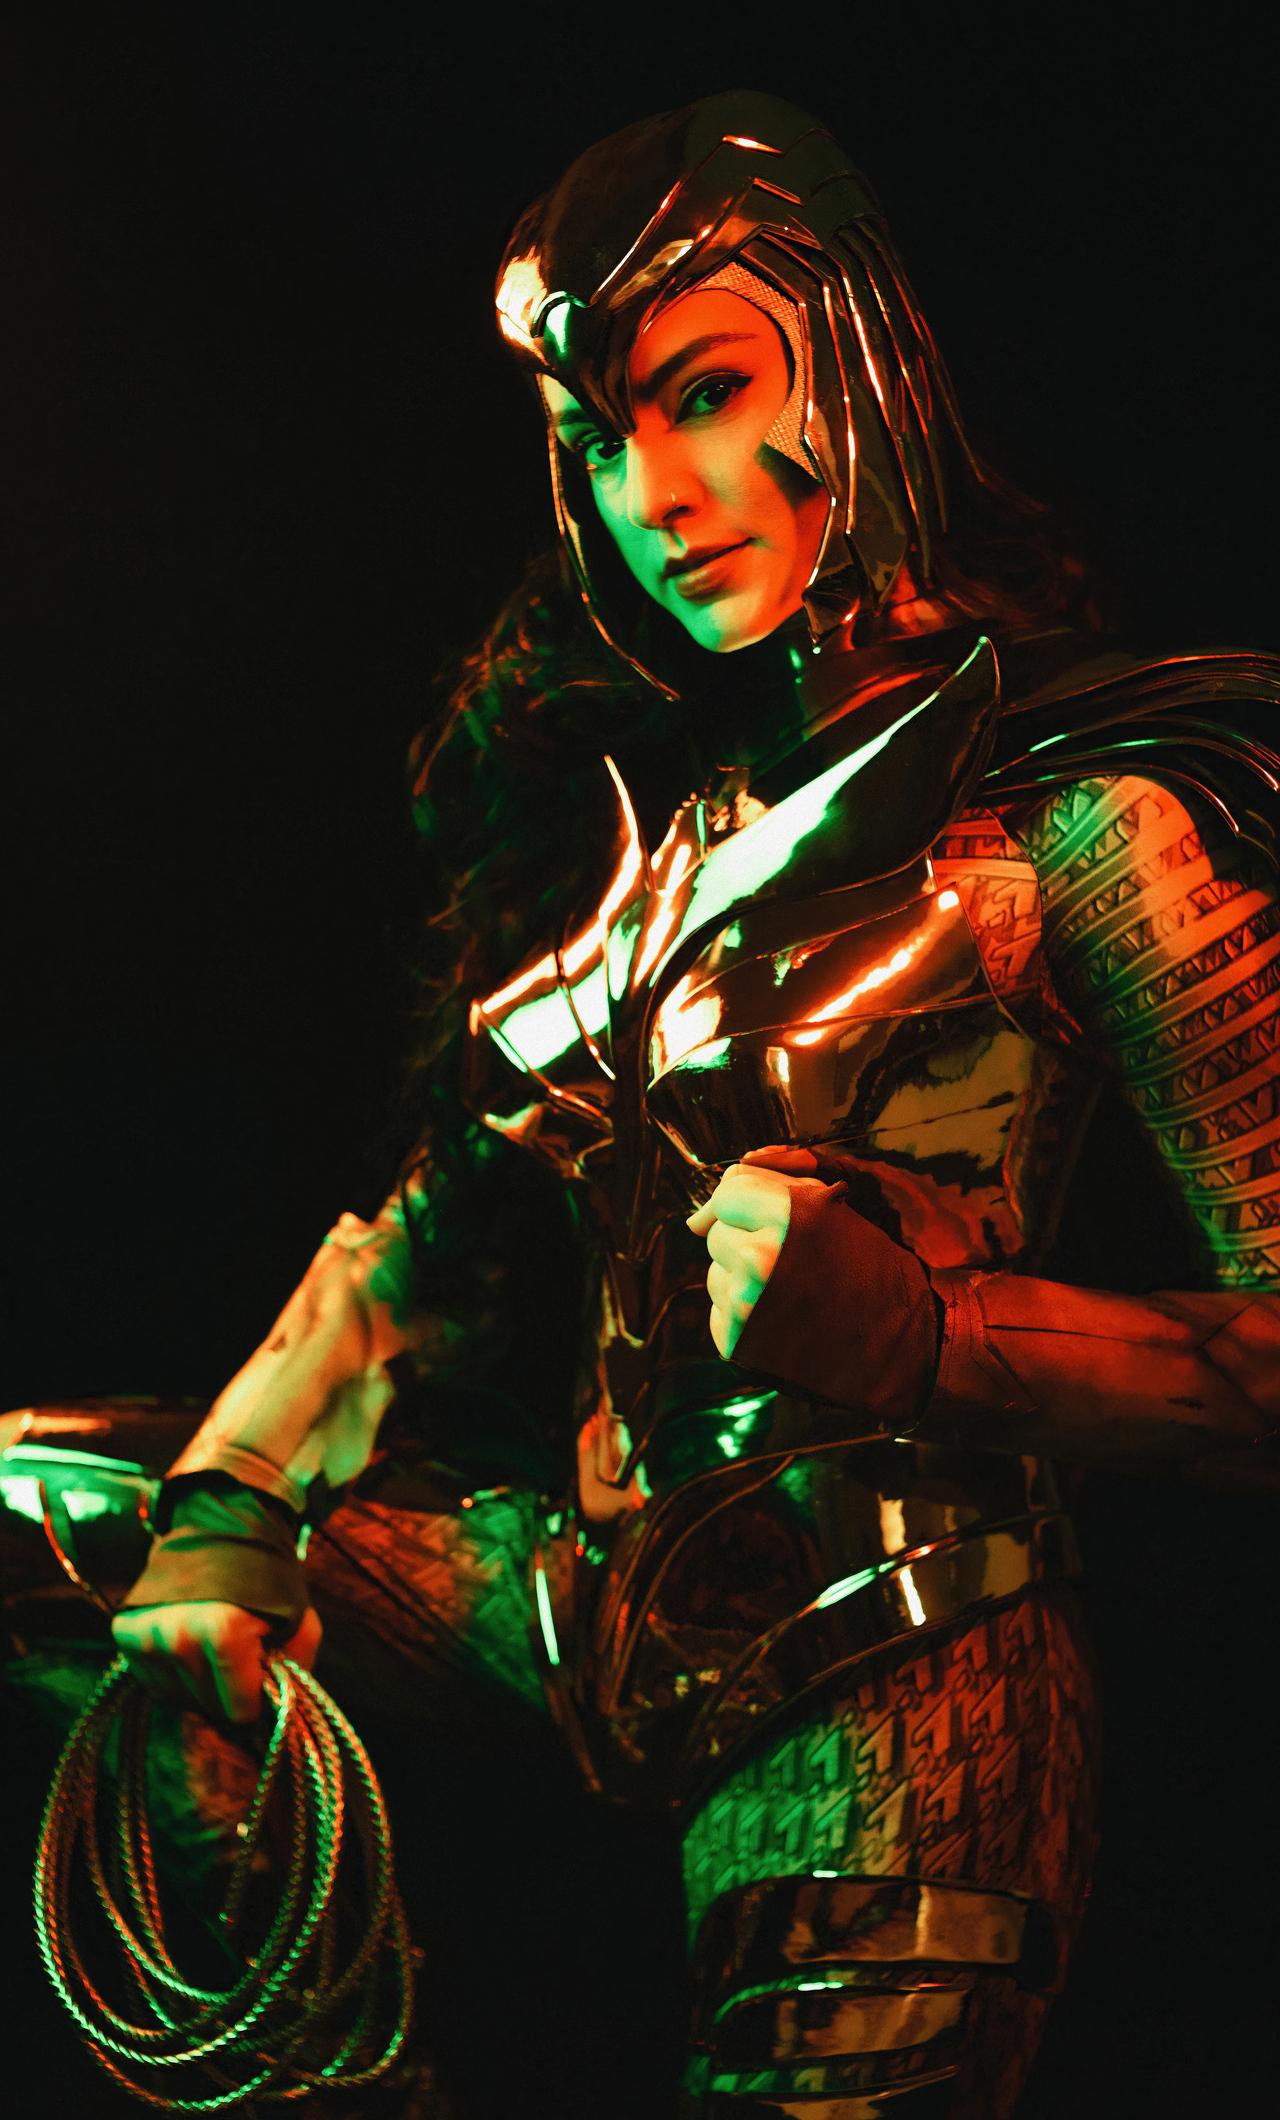 ww-1984-cosplay-tr.jpg